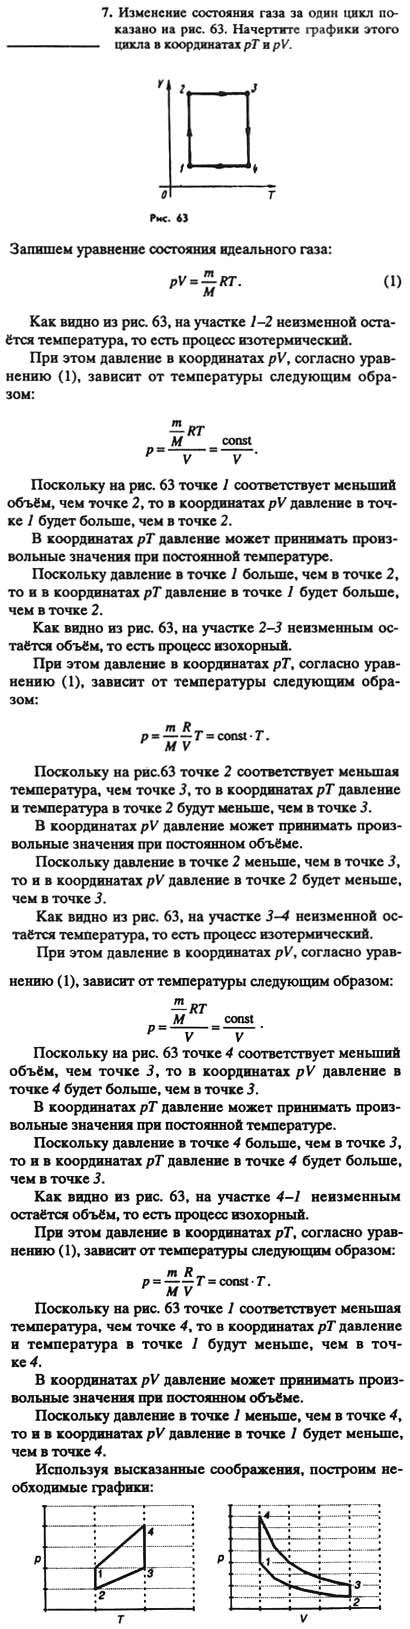 Класс 8 шахмаев физике гдз